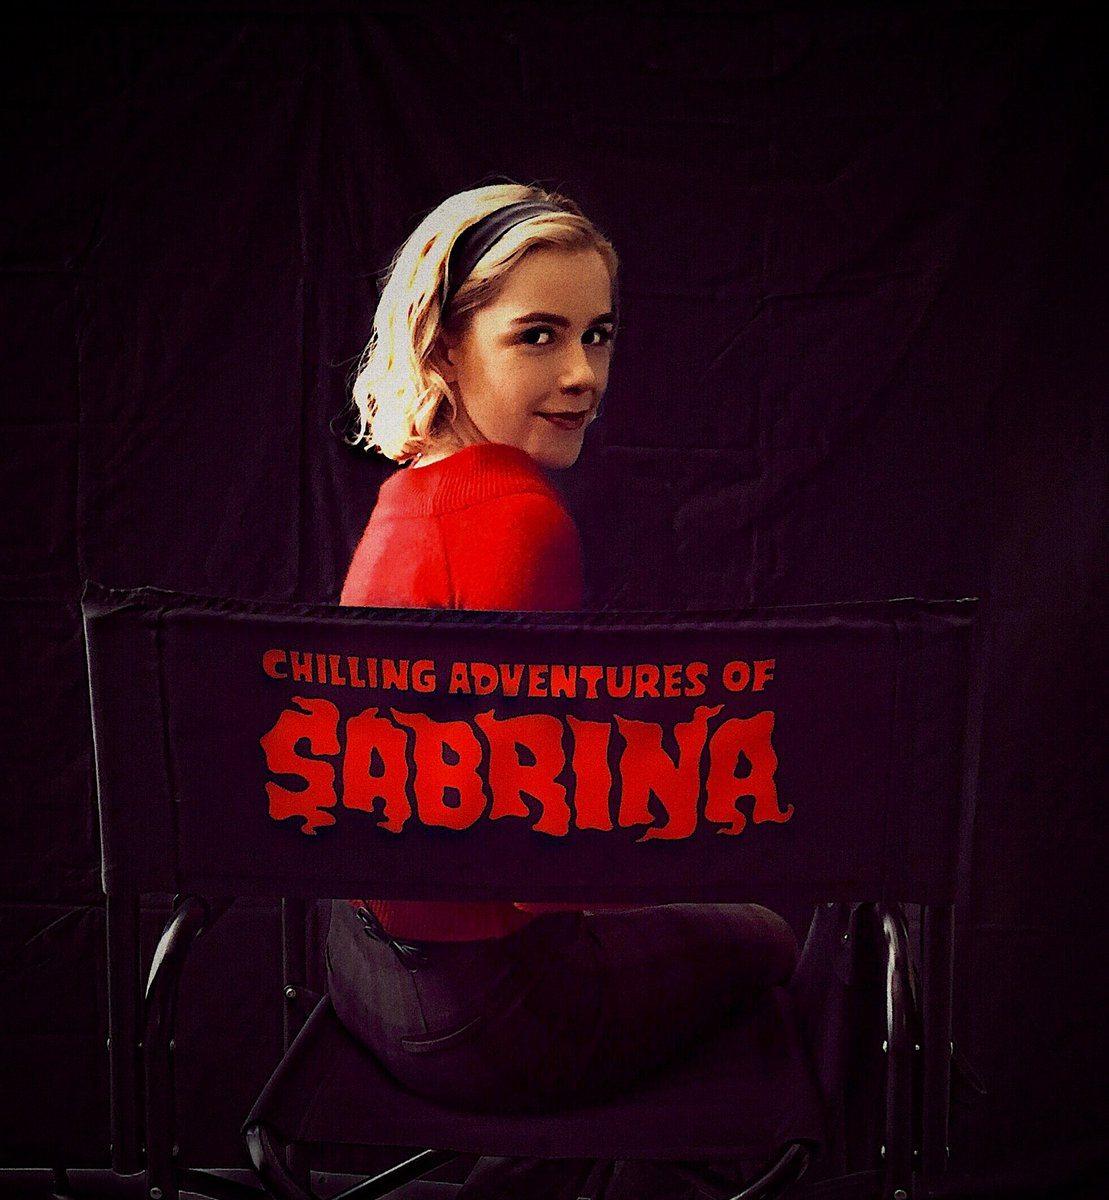 El reinicio de Sabrina obtiene el título oficial de The Chilling Adventures of Sabrina